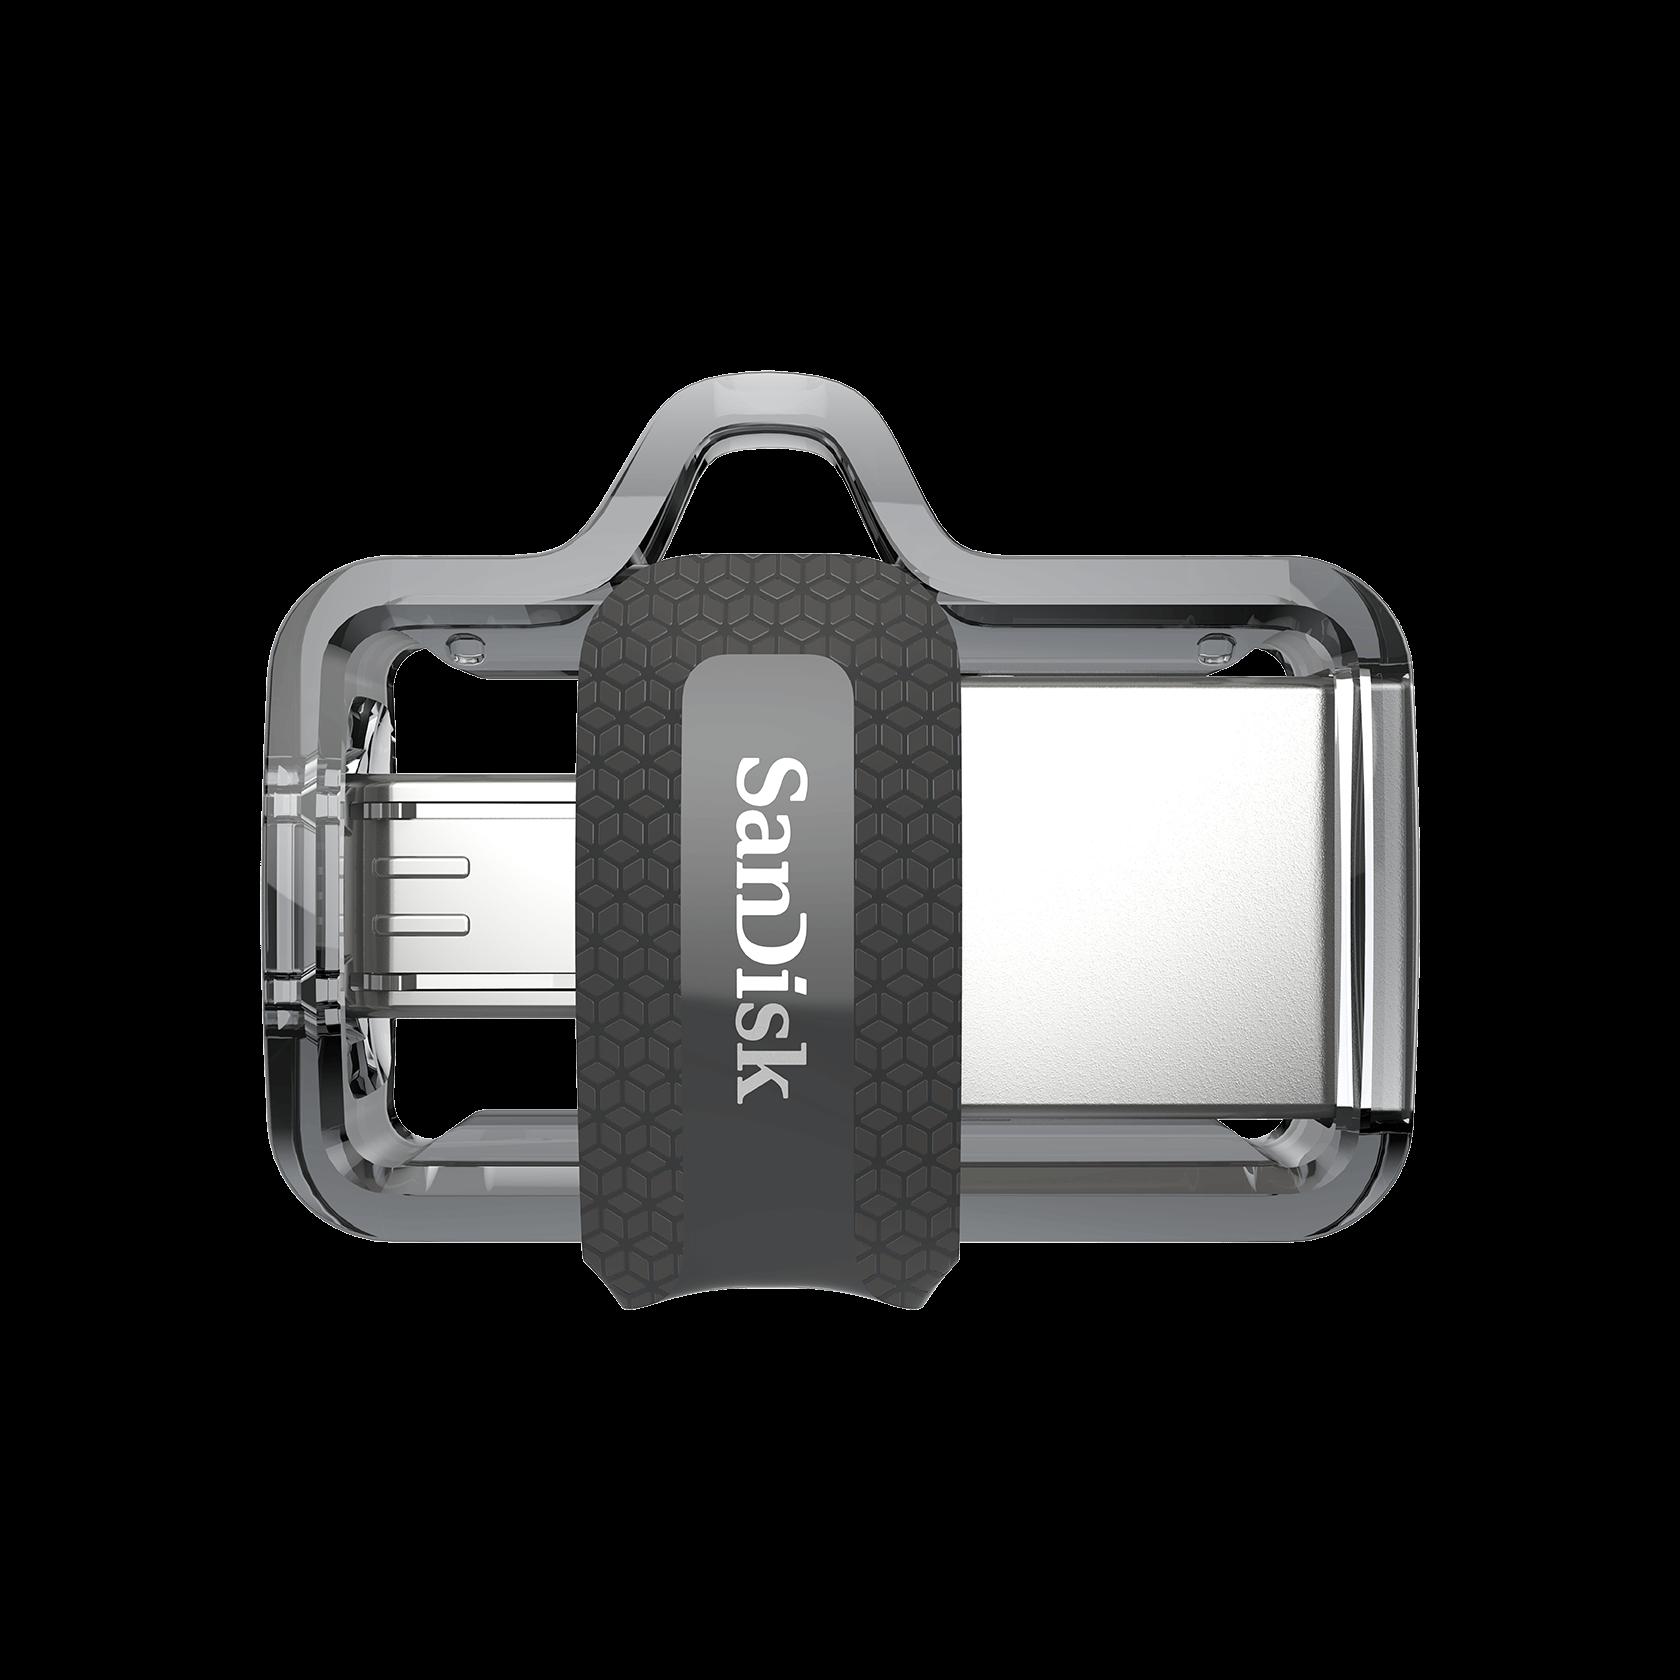 nouvelle version SanDisk Ultra 16Go Dual Drive m3.0 Cl/é double connectique pour appareils mobiles